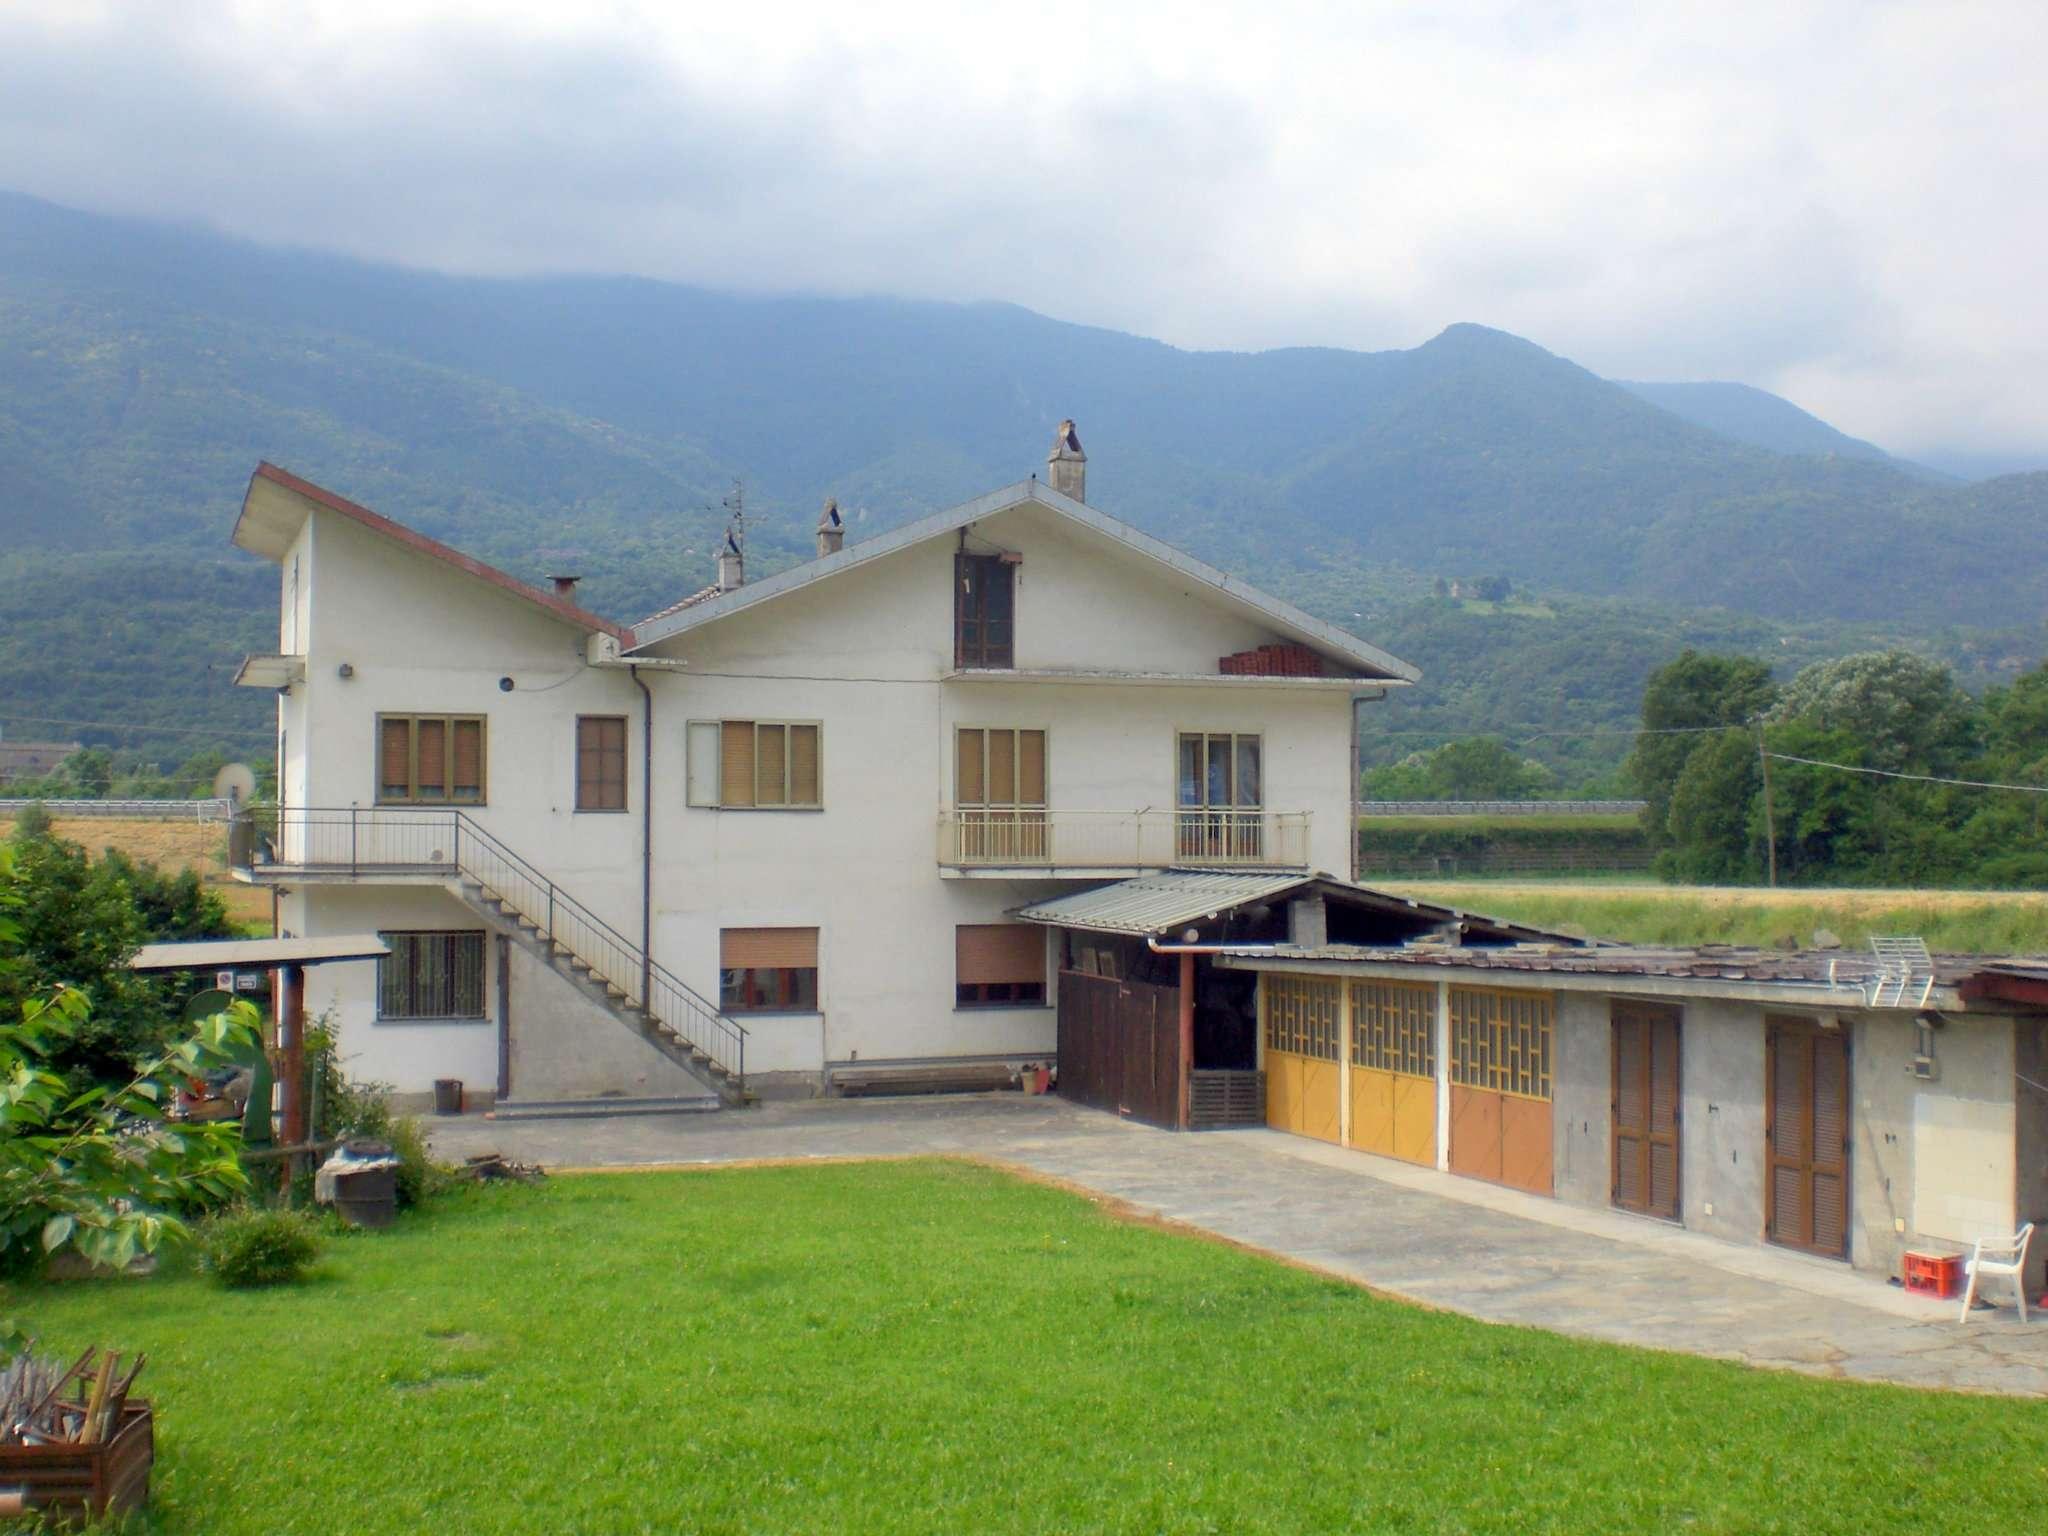 Appartamento in vendita a Chianocco, 2 locali, prezzo € 54.000 | CambioCasa.it